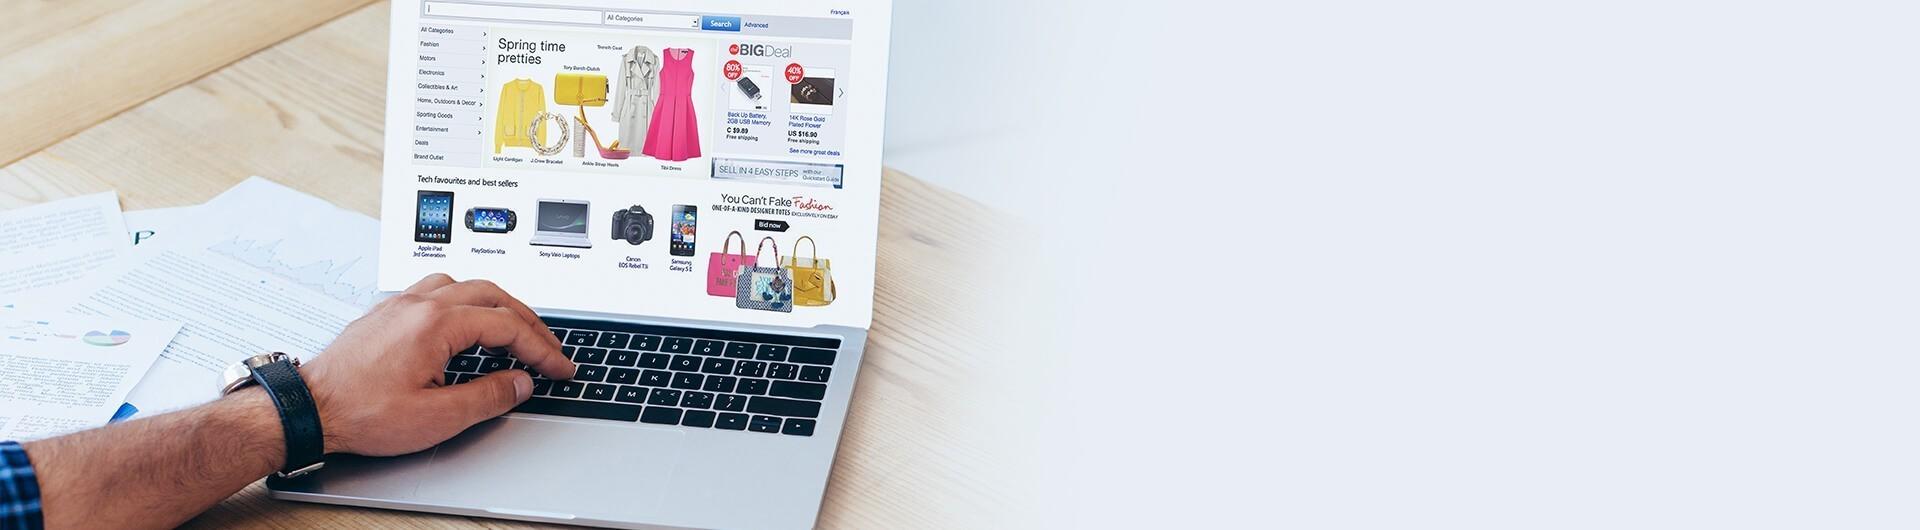 פתיחת חנות בגדים באינטרנט - 6 טיפים הקמת חנות אונליין